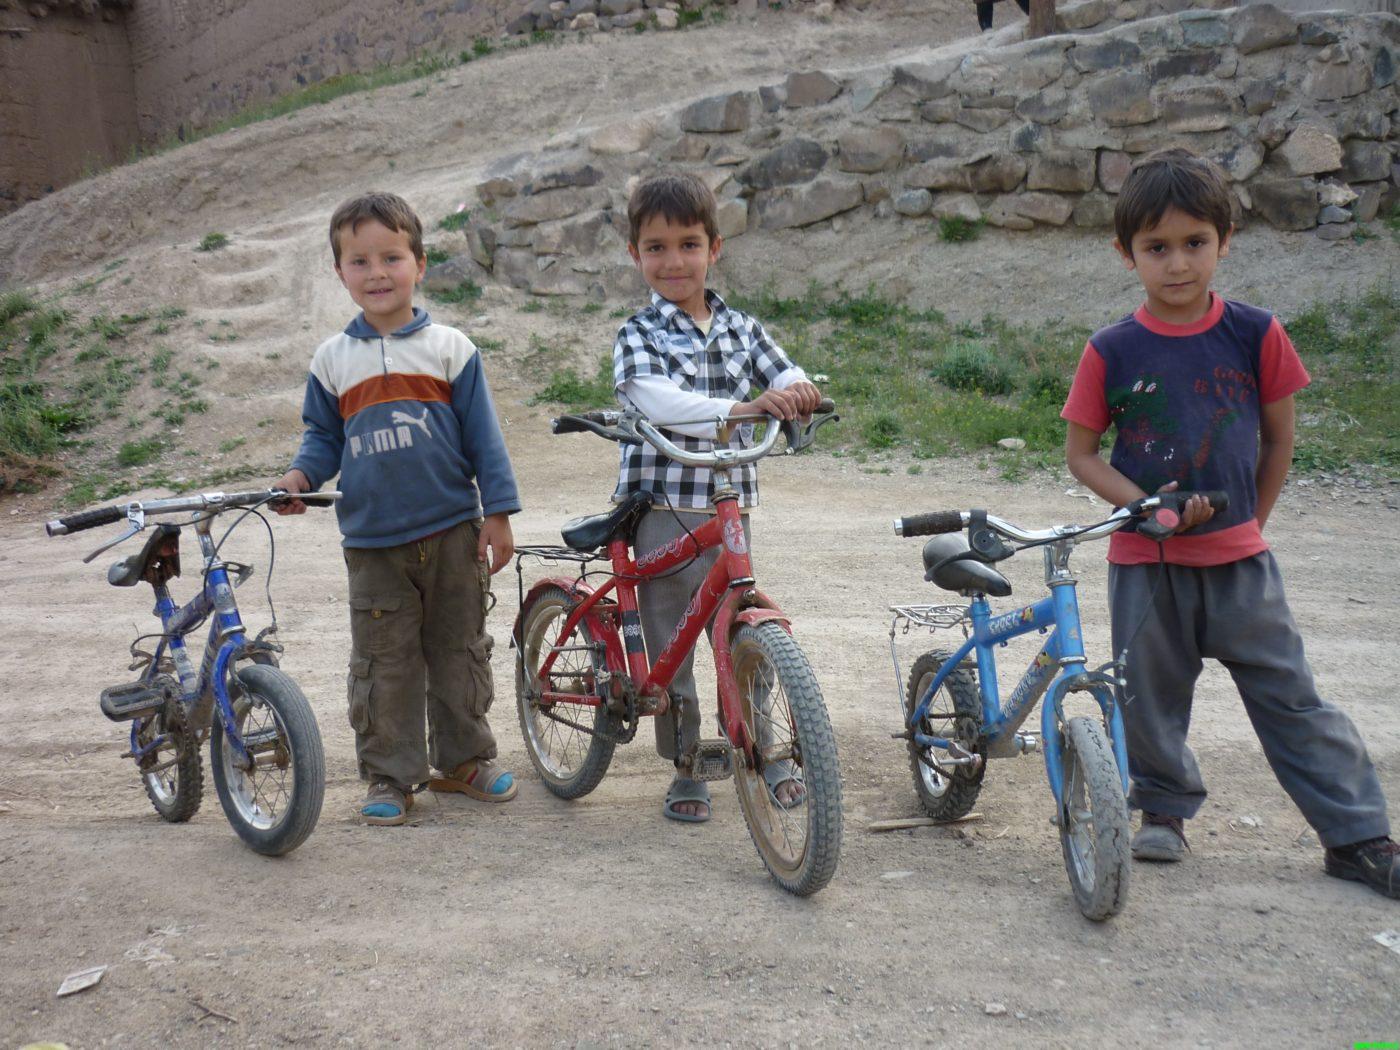 دوتا عکس جالب از بچه های روستا